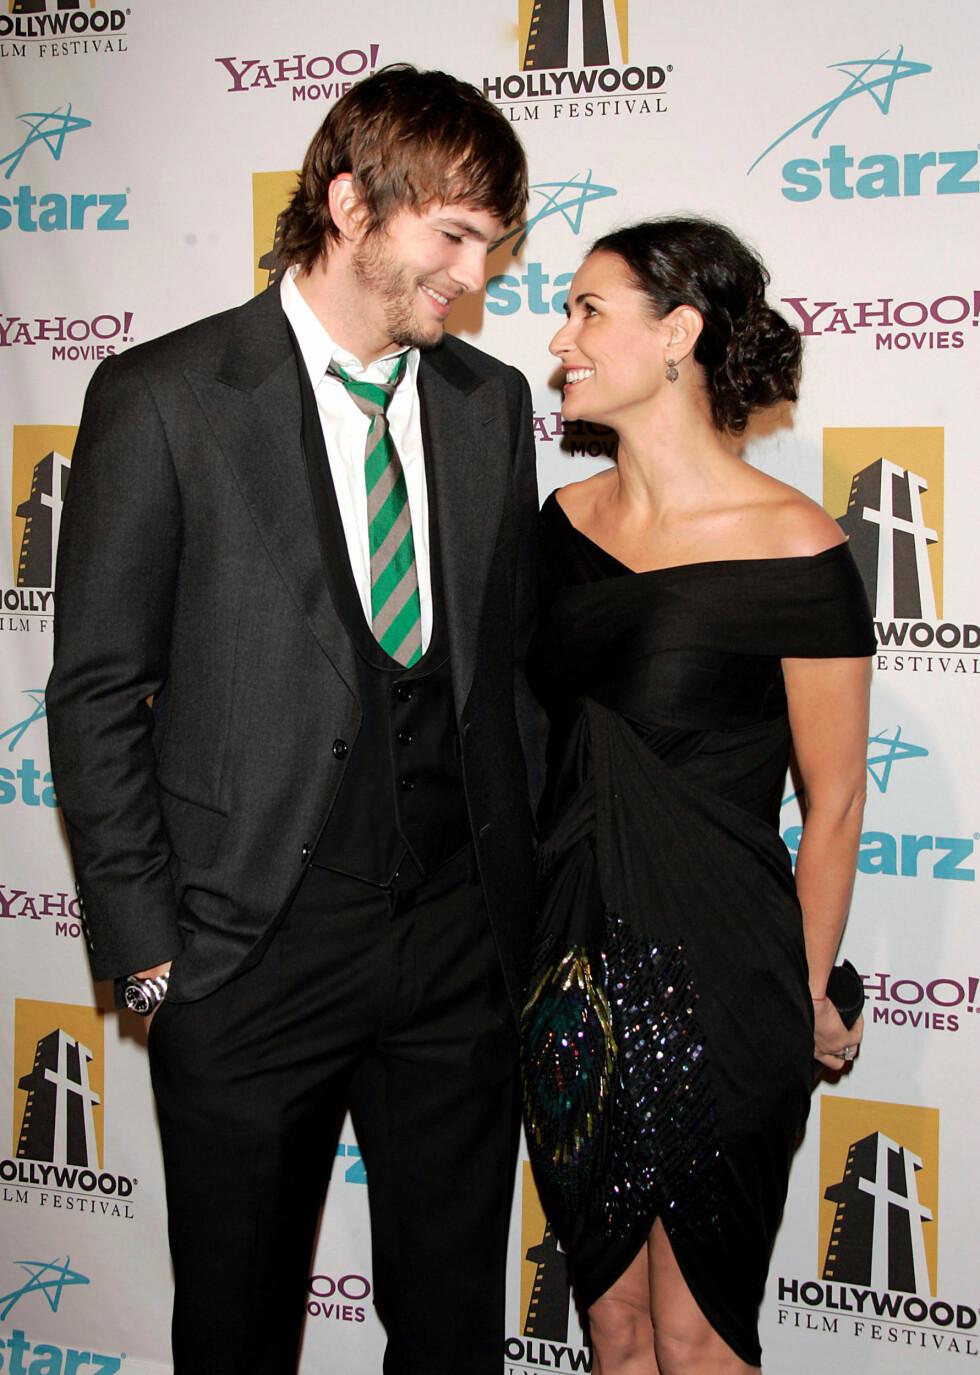 COUGAR: Demi Moore var tidligere i et forhold med Ashton Kutcher. De ble sammen da hun var 41 år og han var 25. Foto: All Over Press